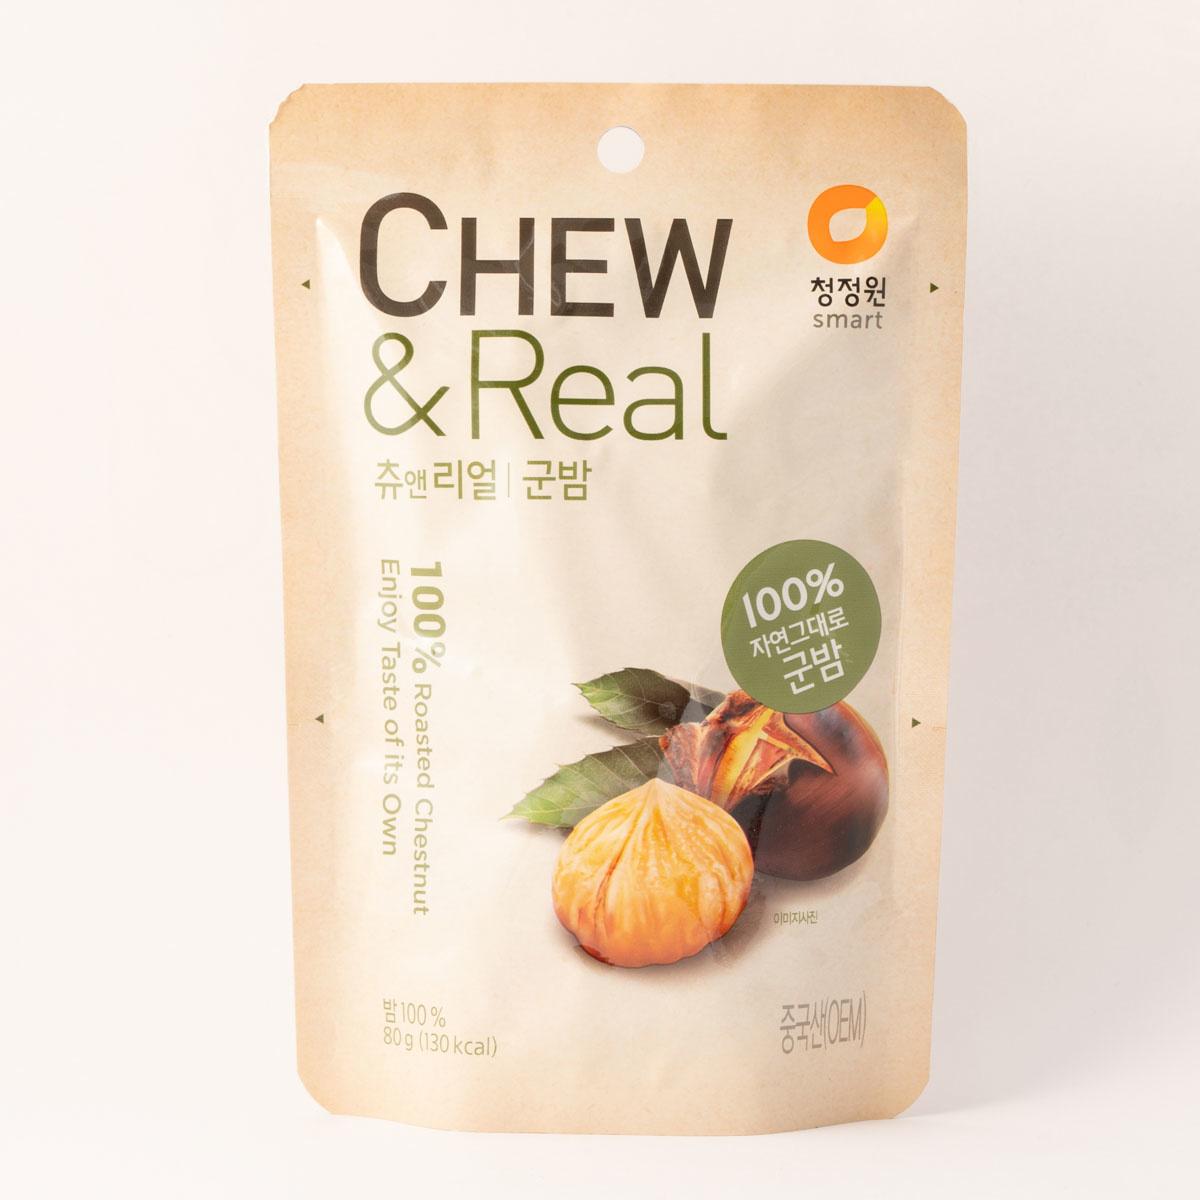 Chew & Crispy Kastanje